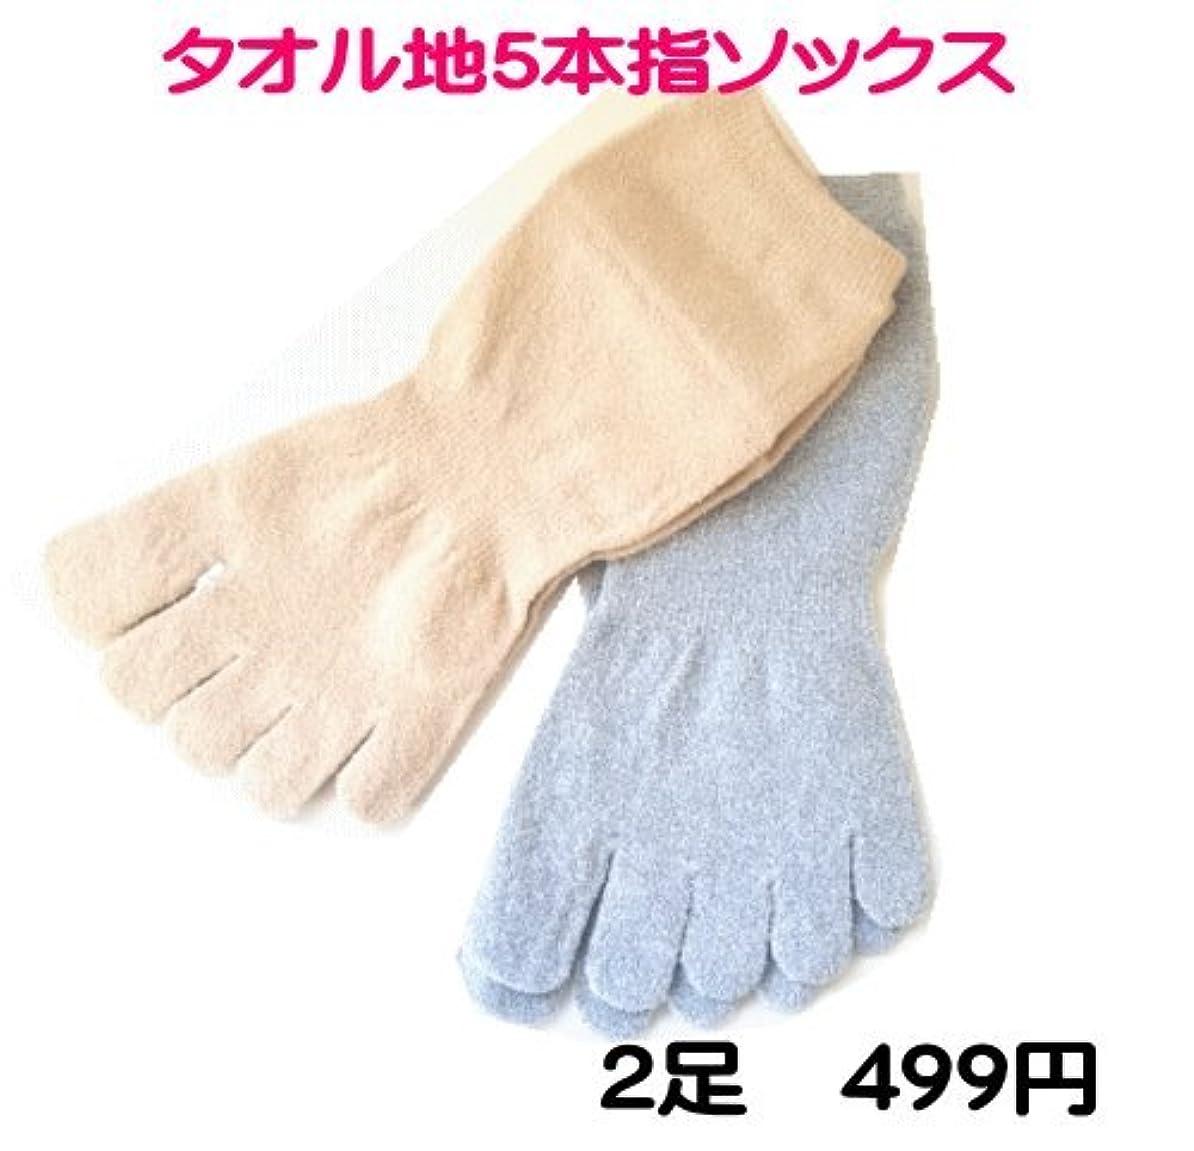 マニアモンゴメリータイピスト在庫一掃 タオルのような肌触り 5本指 ソックス ショート丈 2足組 太陽ニット